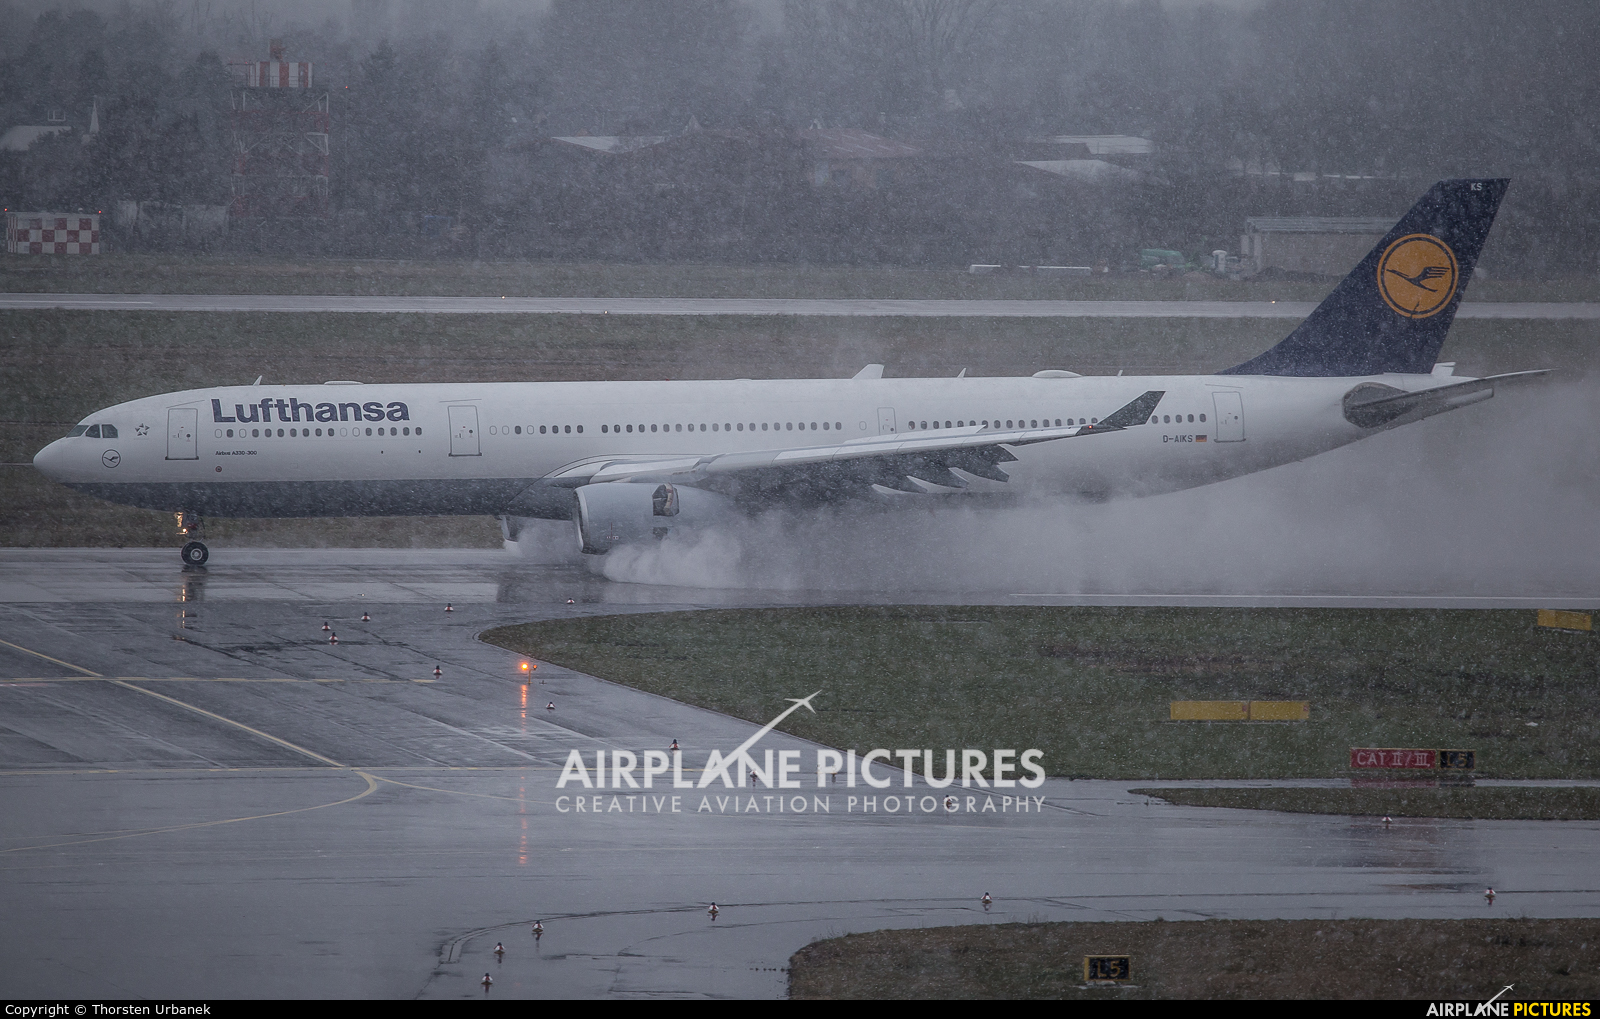 Lufthansa D-AIKS aircraft at Düsseldorf